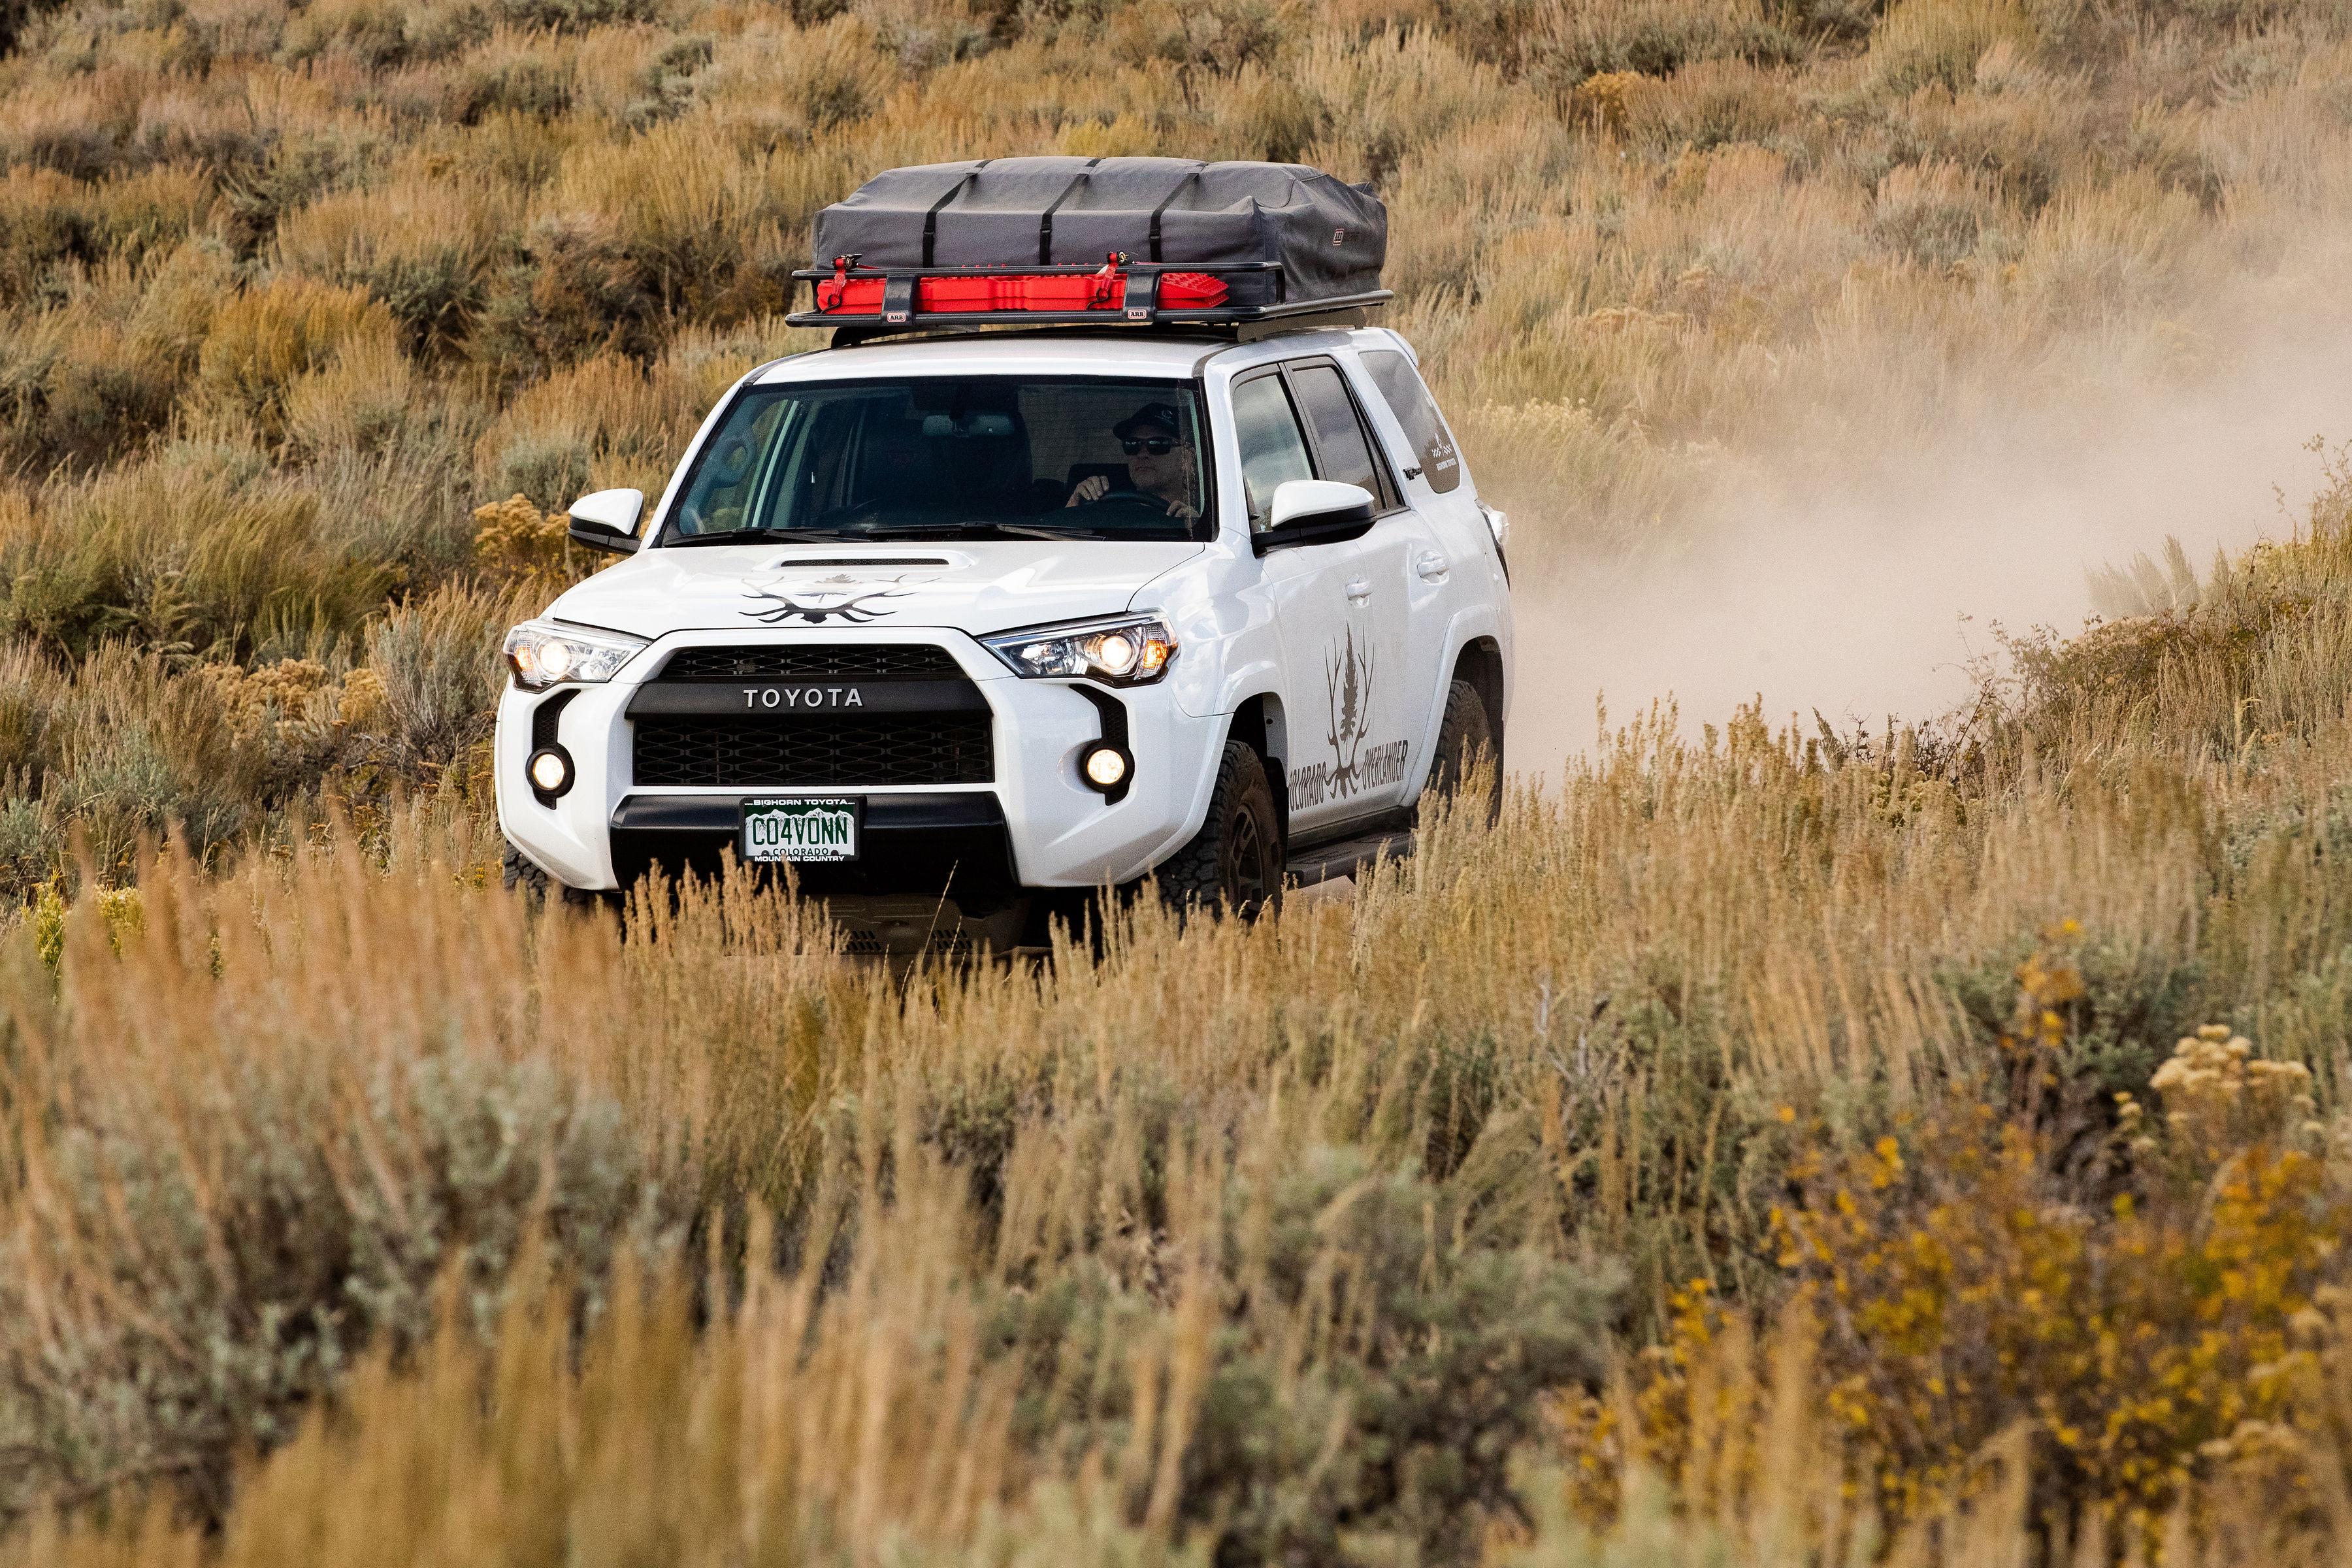 2020 Toyota 4runner Camper Van Rental In Glenwood Springs Co Outdoorsy